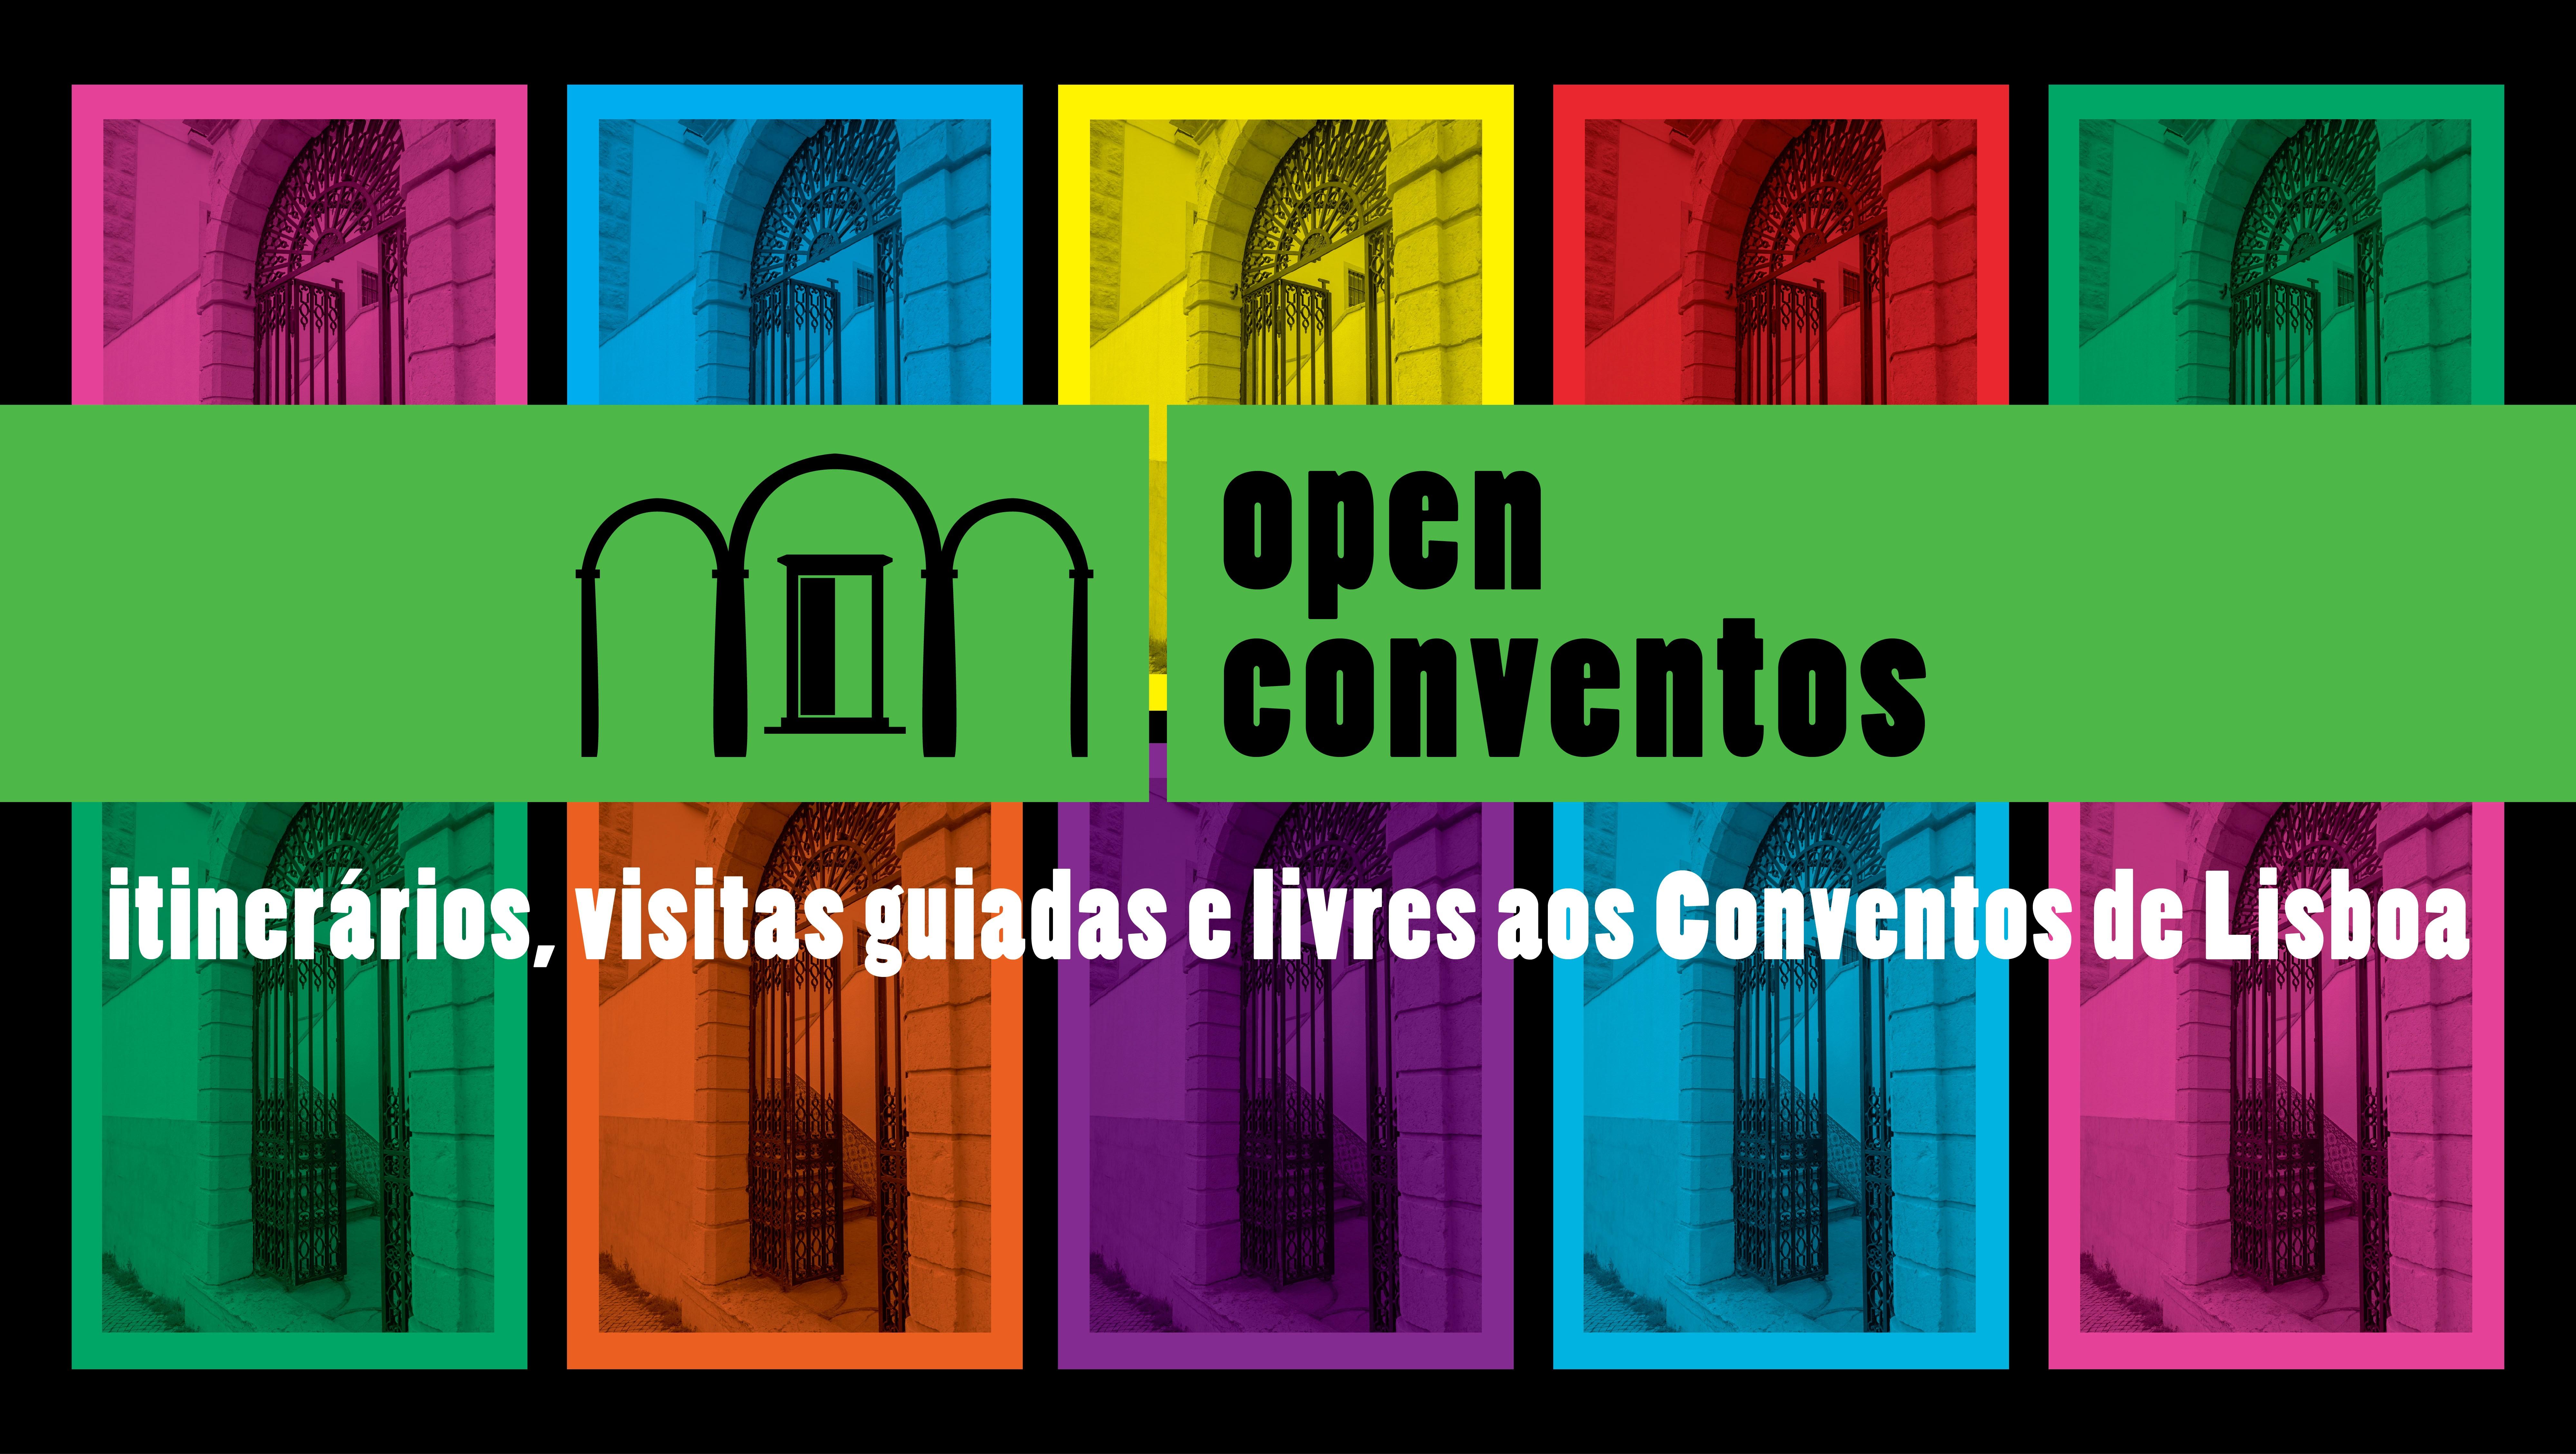 Visitas | Open Conventos Lx